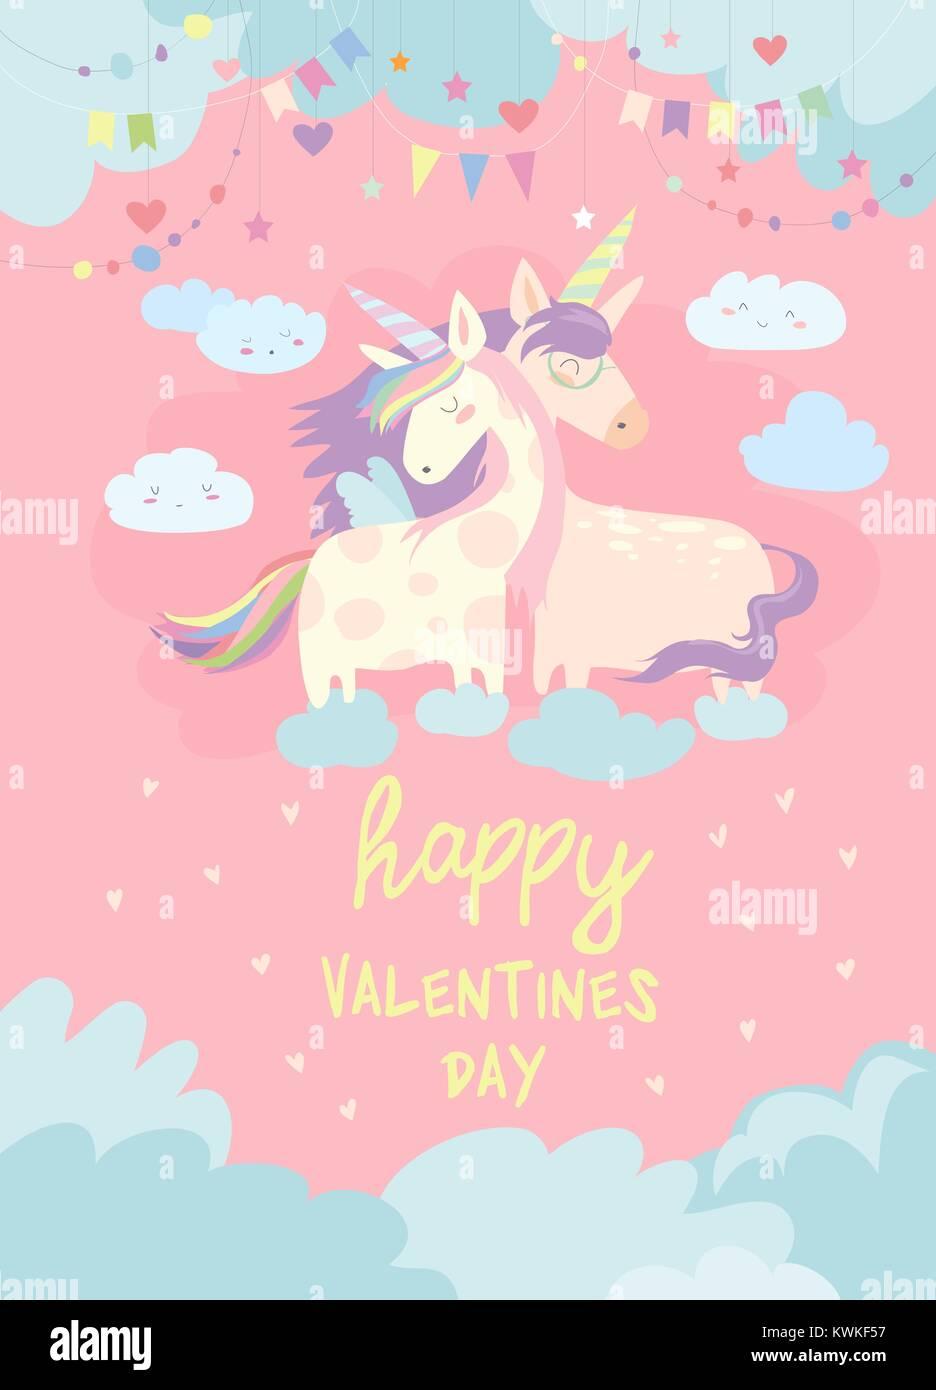 jolie carte avec fairy unicorns dans l'amour vecteurs et